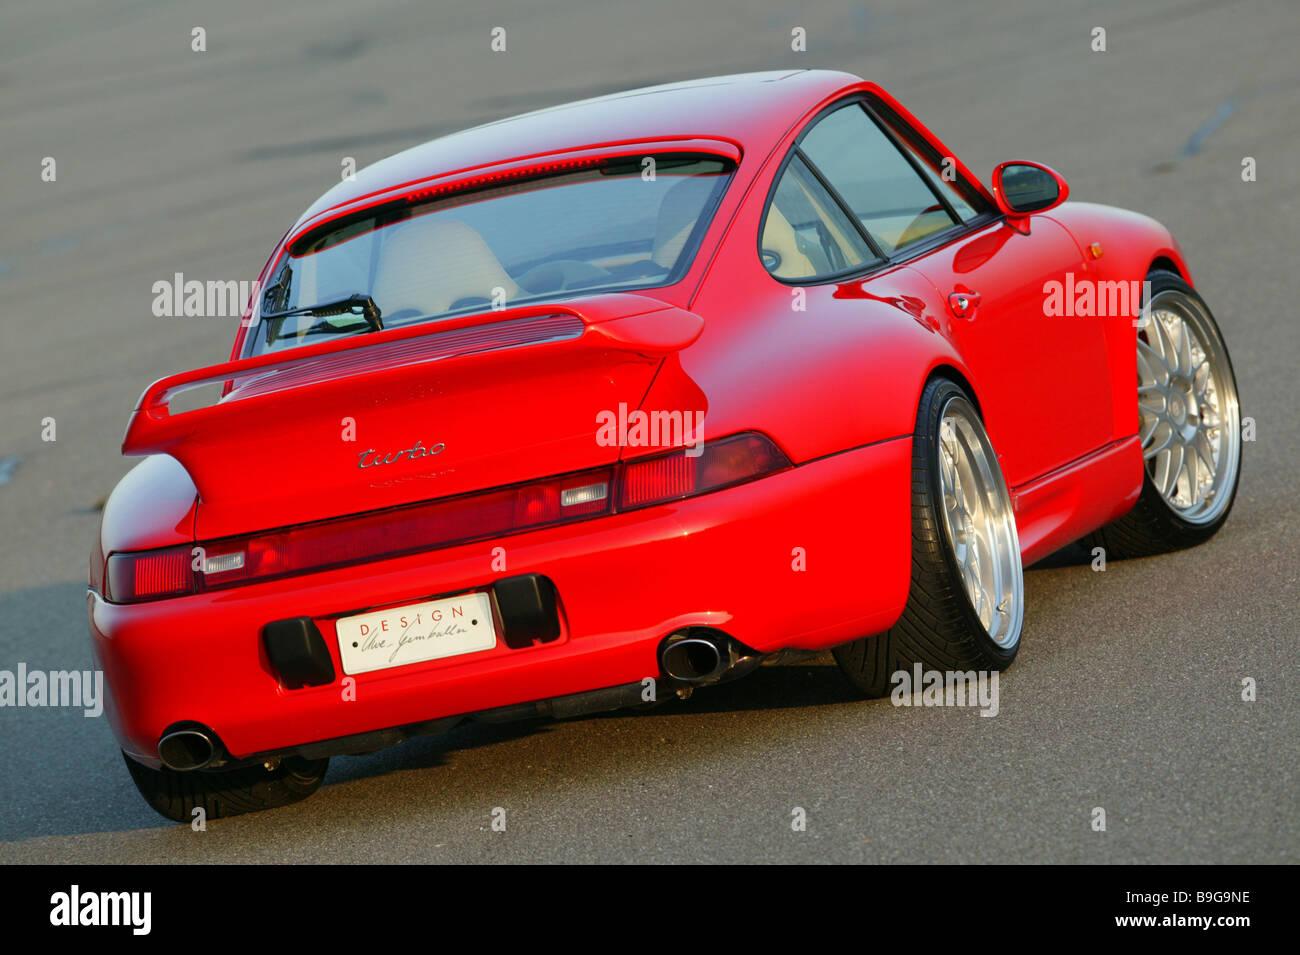 Porsche Gemballa Red Backview Series Vehicle Car Sport Cars Sport